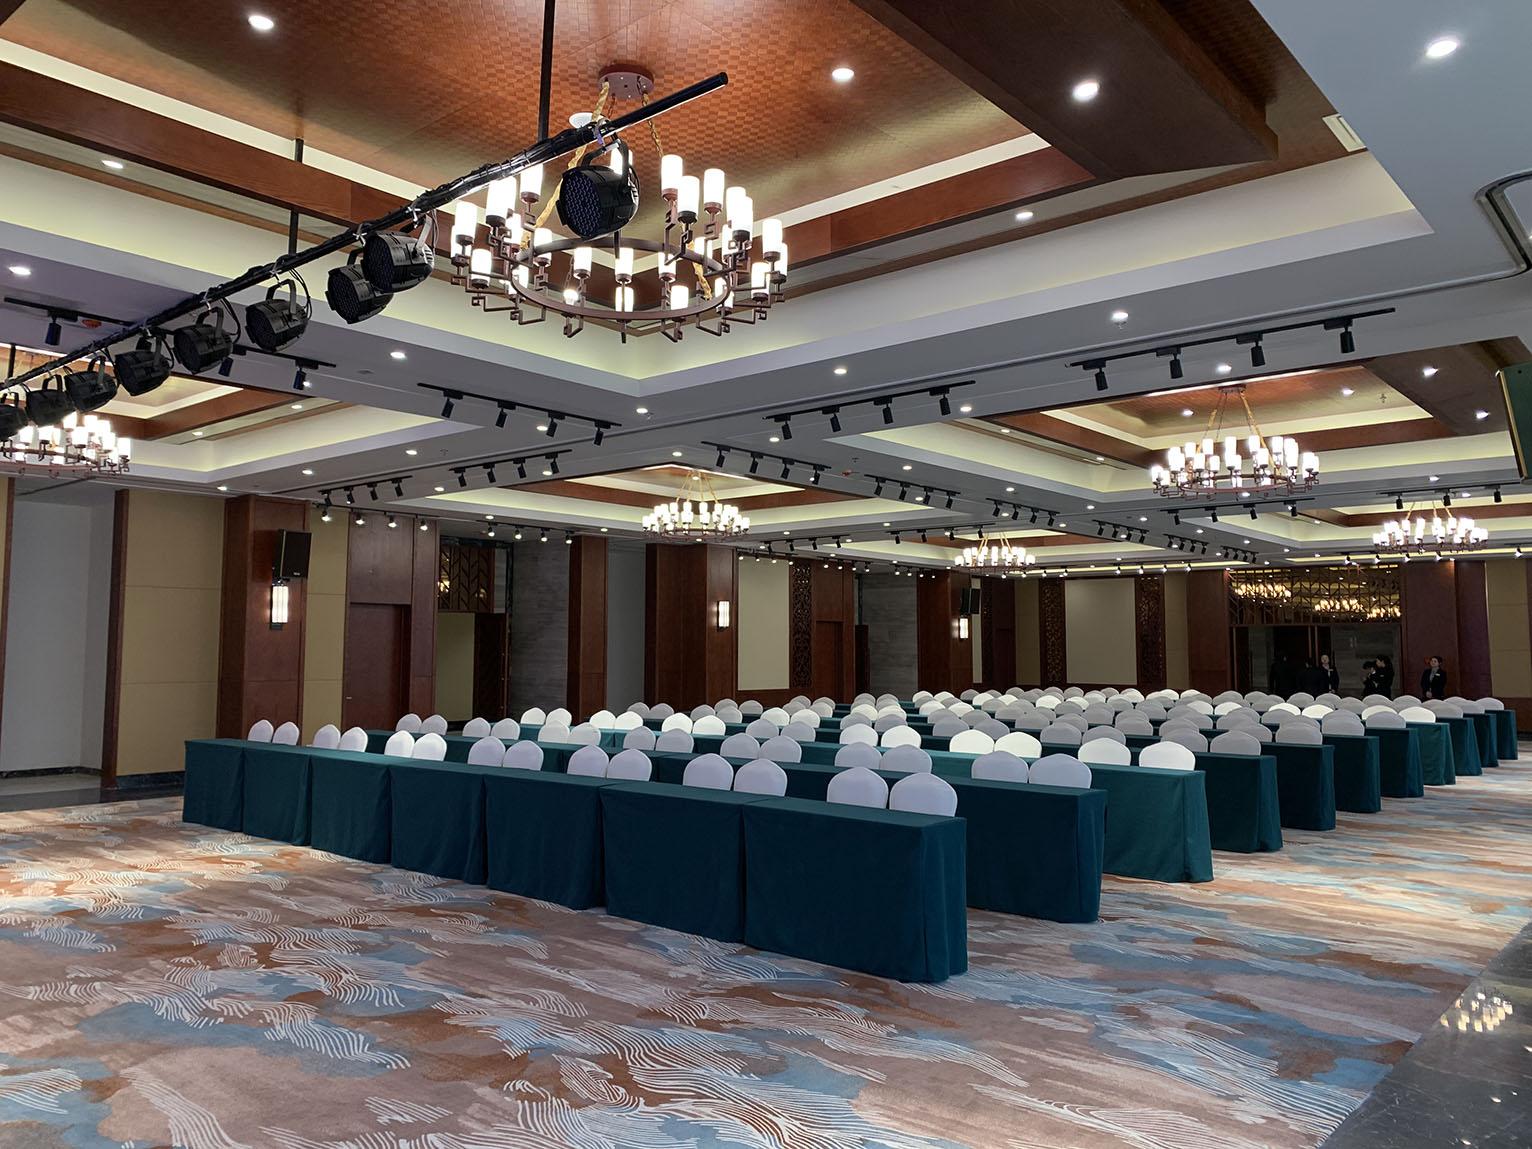 【京邦·会议系统案例】东海青松林酒店宴会厅